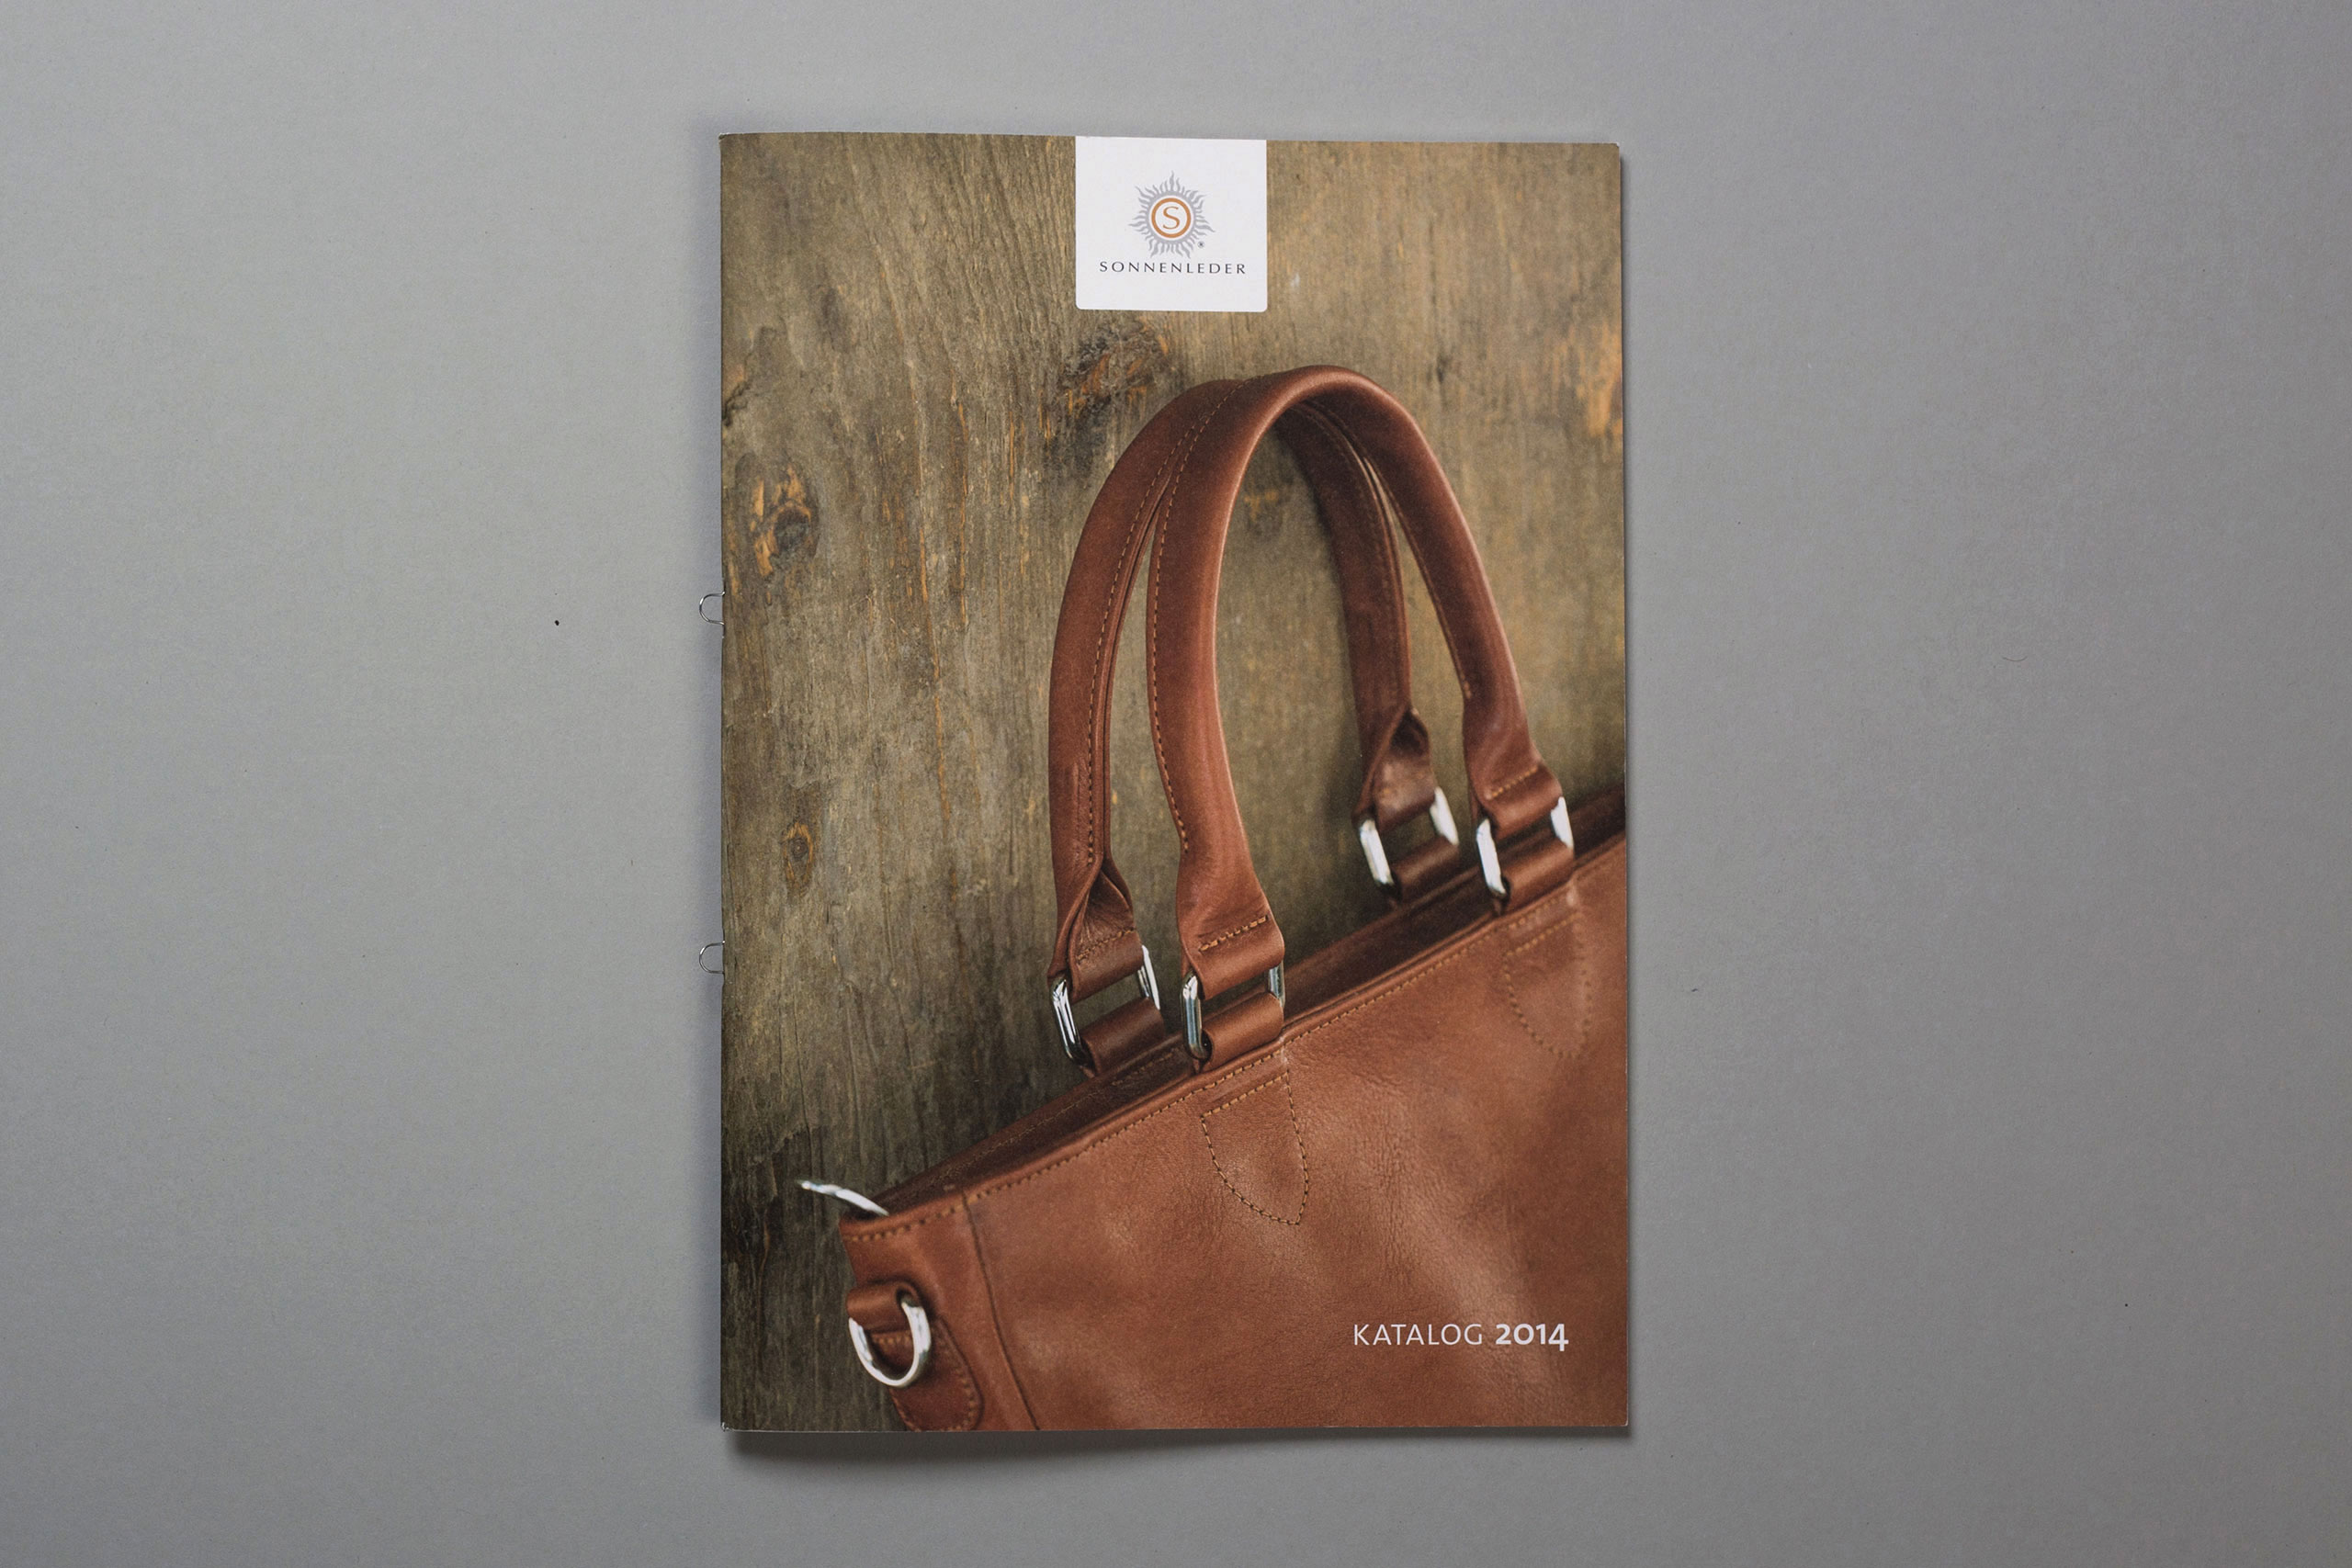 Sonnenleder Katalog-Cover